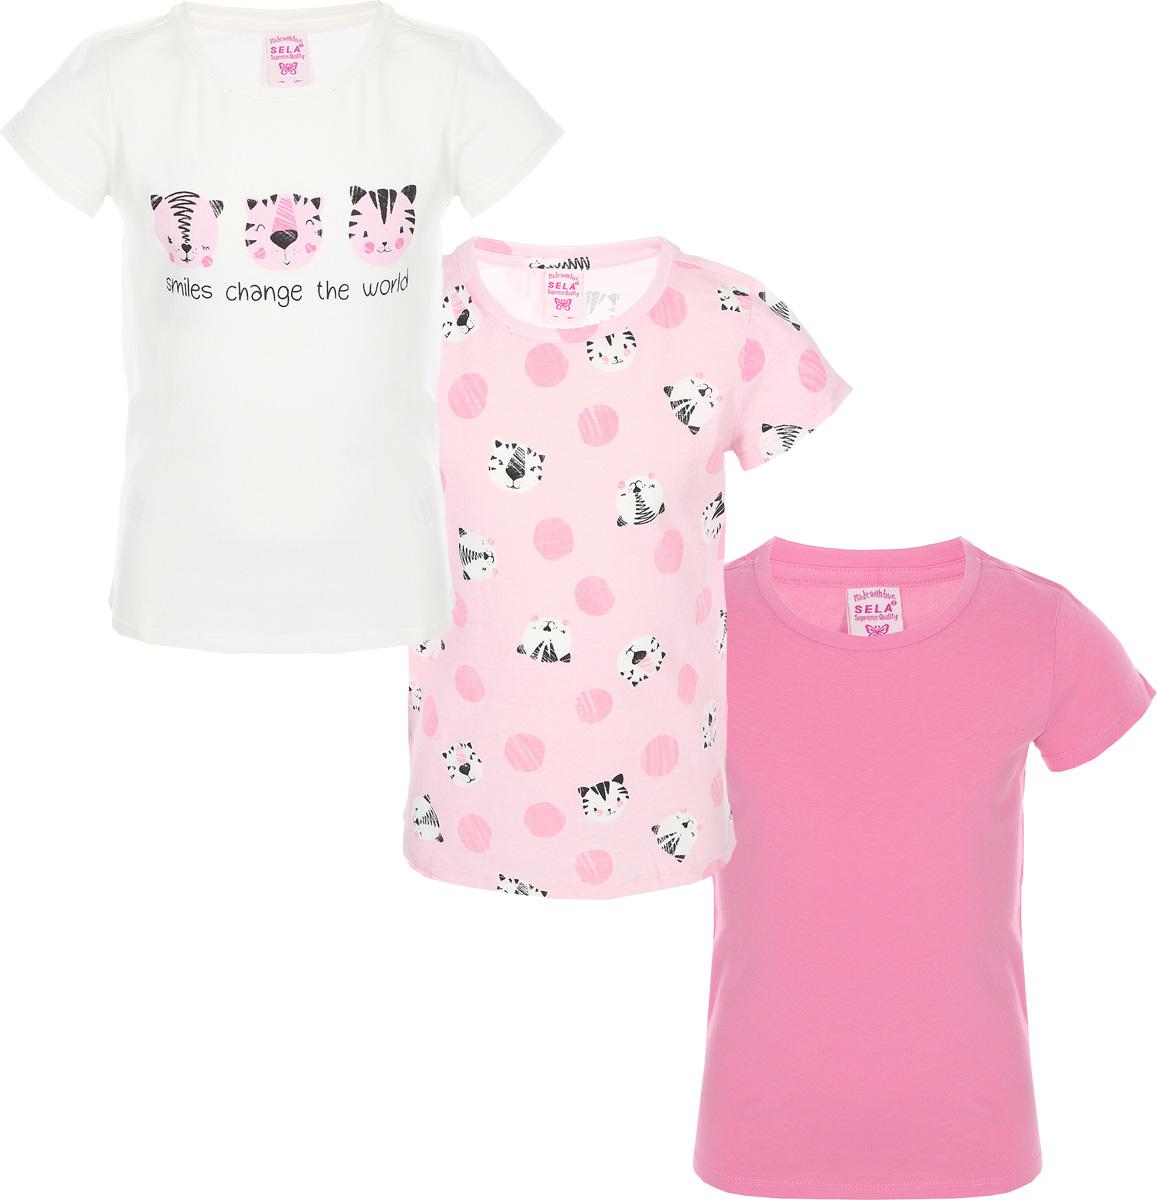 Футболка для девочки Sela, цвет: молочный белый, 3 шт. Ts-511/481-8213-3set. Размер 104, 4 годаTs-511/481-8213-3set